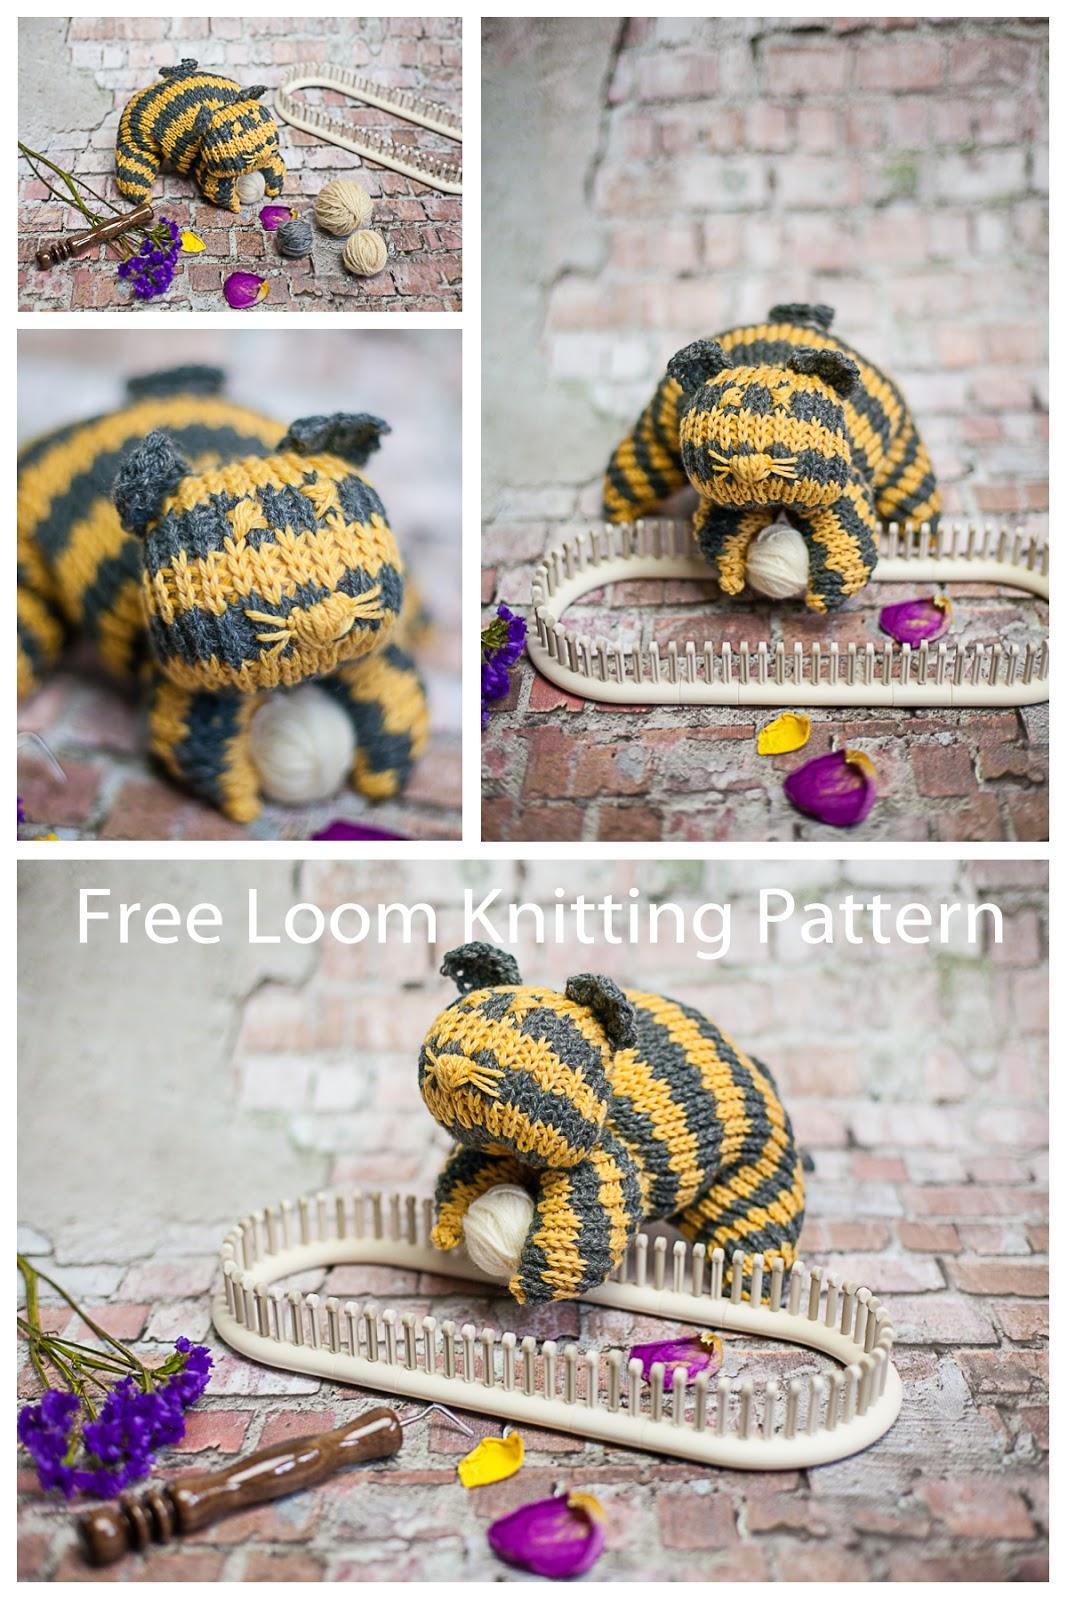 loom knit cat, loom knit stuffed animal, loom knit cat pattern, free pattern, free loom knitting patterns, striped cat, knit cat pattern, knit cat, loom knitting, loom knit amurigami, amurigami,